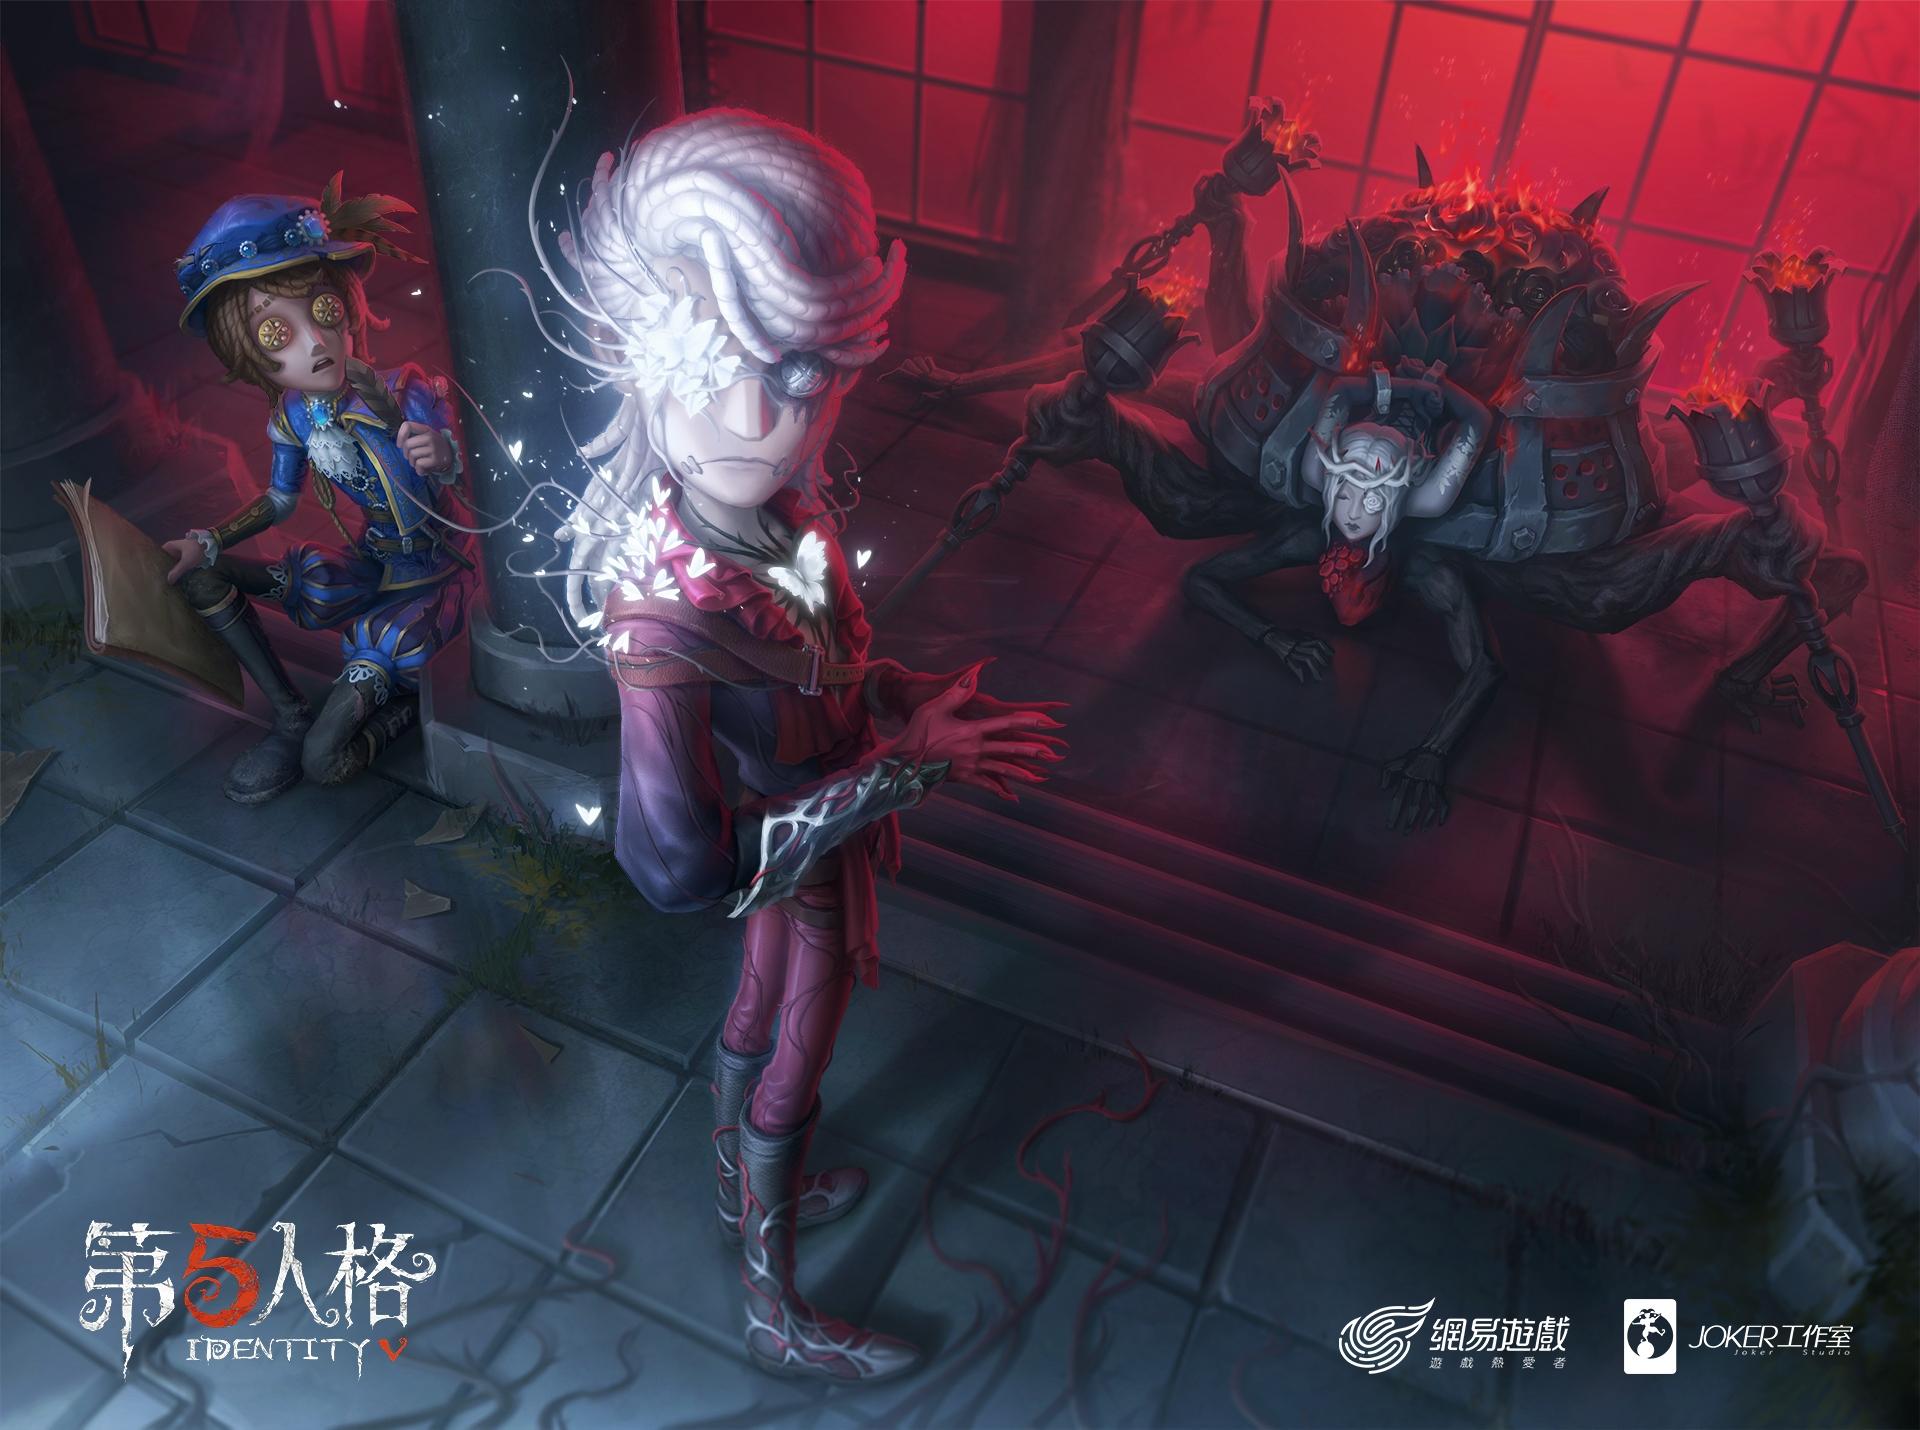 《第五人格》開學季活動展開 傭兵、畫家、蜘蛛精美時裝連袂亮相